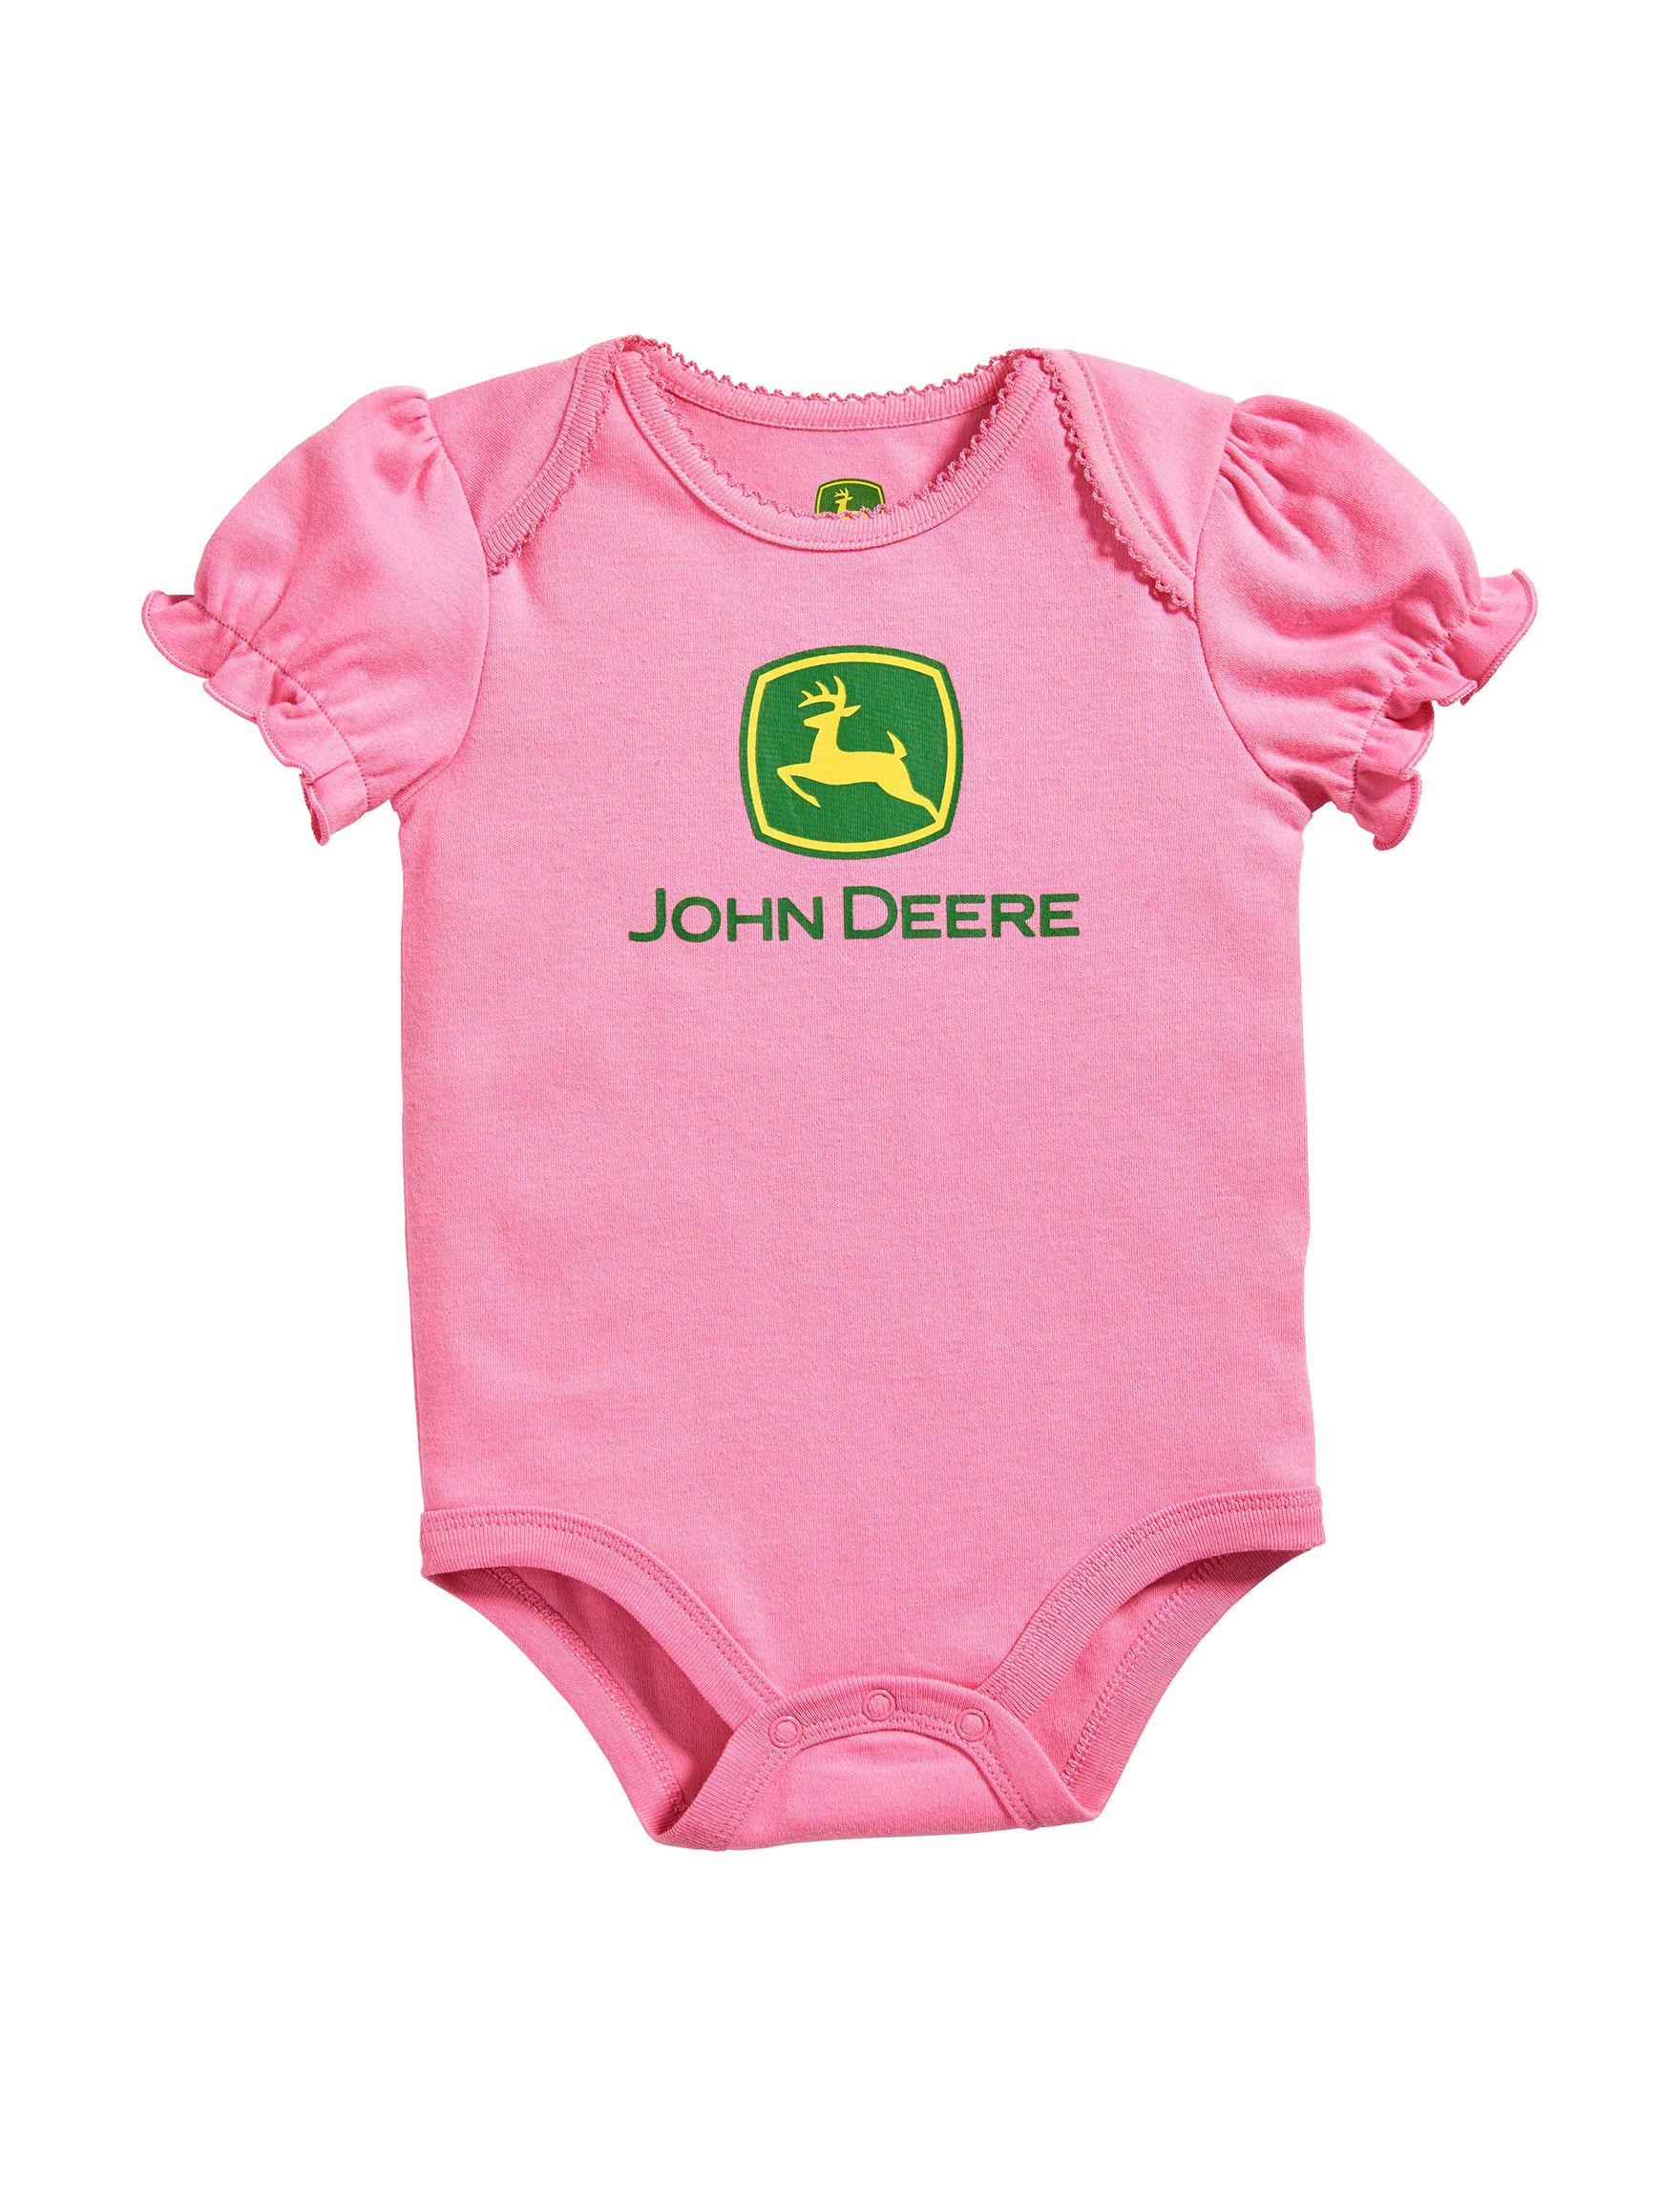 John Deere Pink